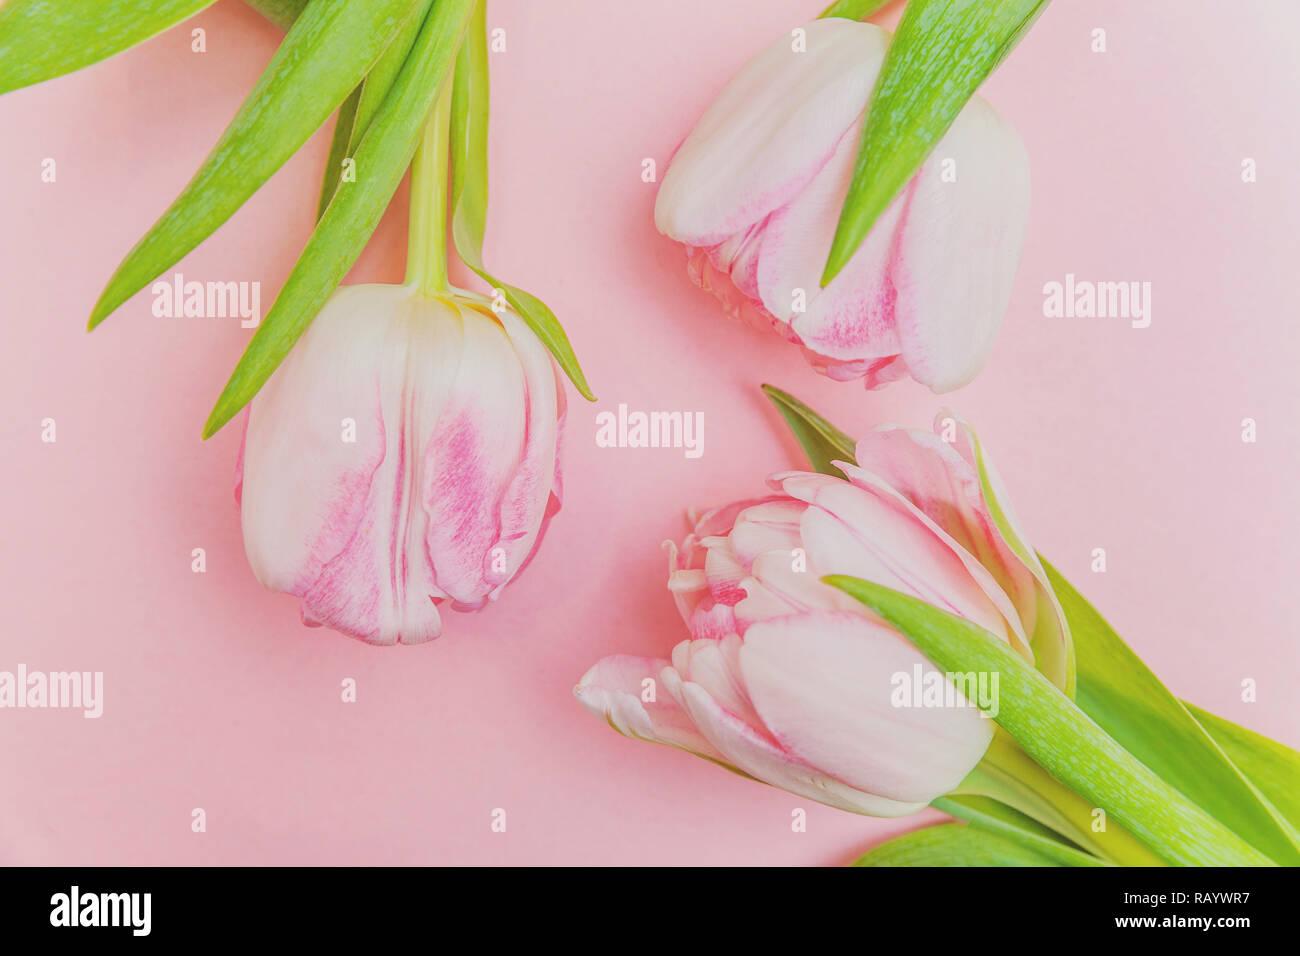 Molla della scheda Messaggi di saluto. Bouquet di freschi colori pastello rosa fiori di tulipani su moderne, alla moda e colorato sfondo rosa. Felice vacanza pasqua festa della mamma anniversario il giorno di san valentino compleanno concetto. Flat Top laici visualizza lo spazio di copia Foto Stock